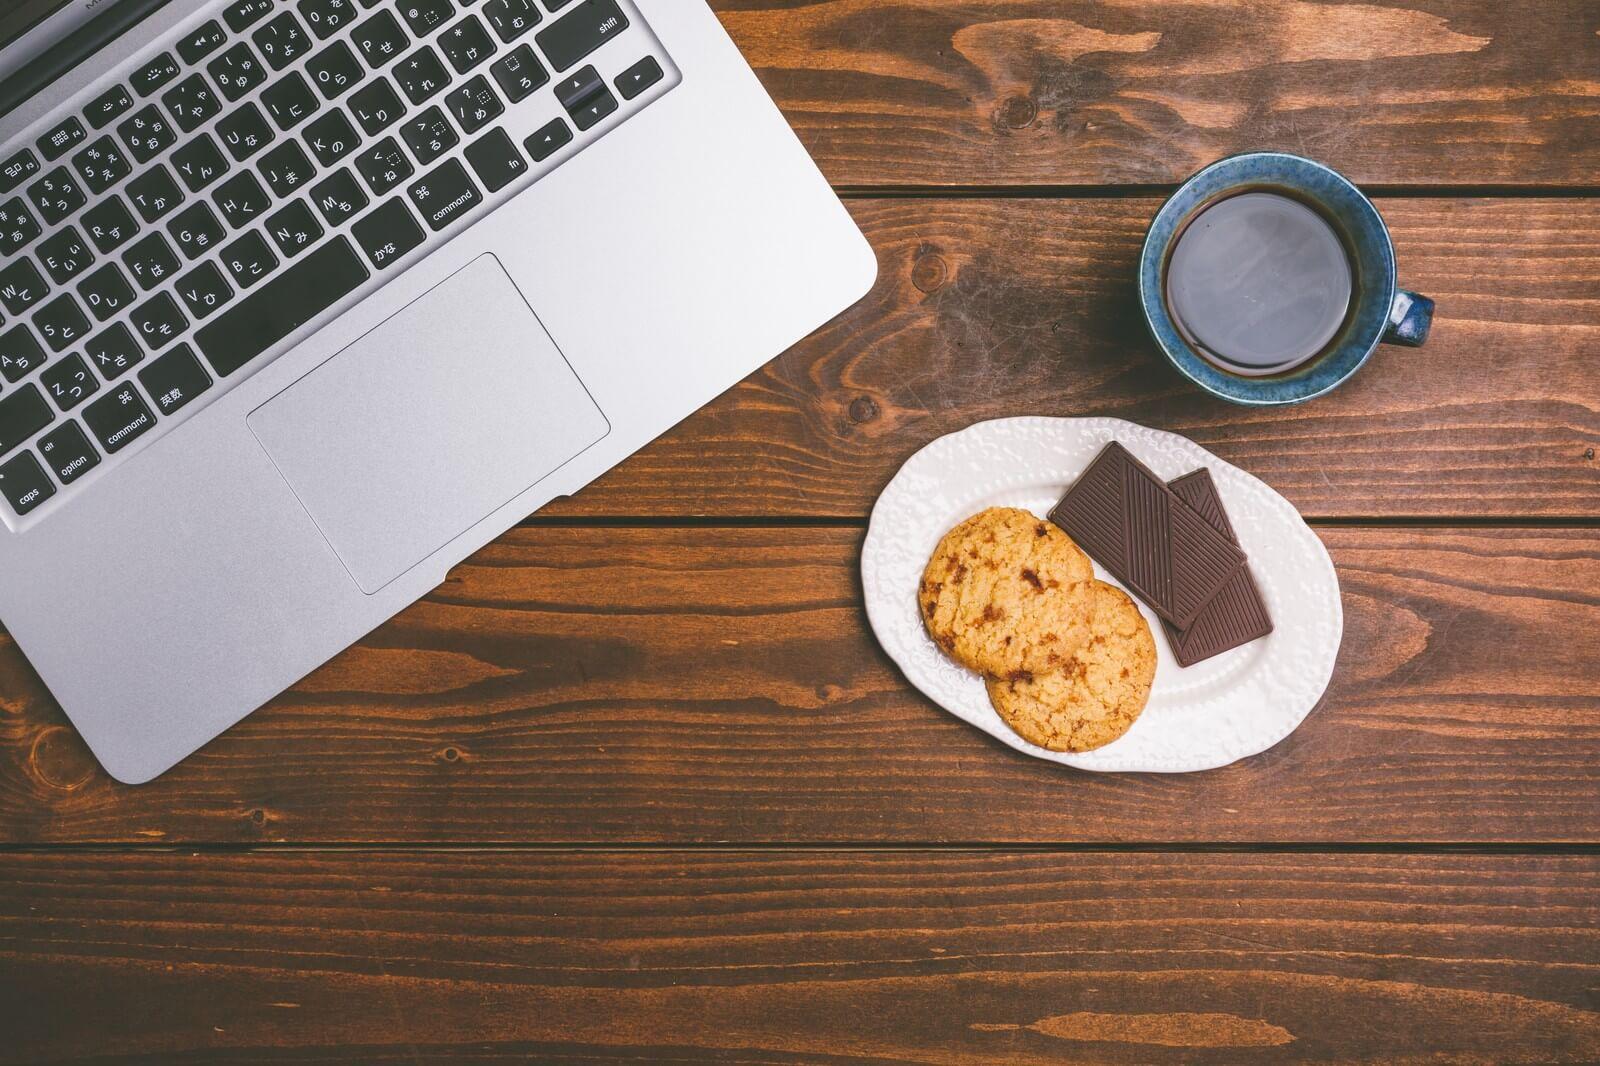 パソコンとお菓子